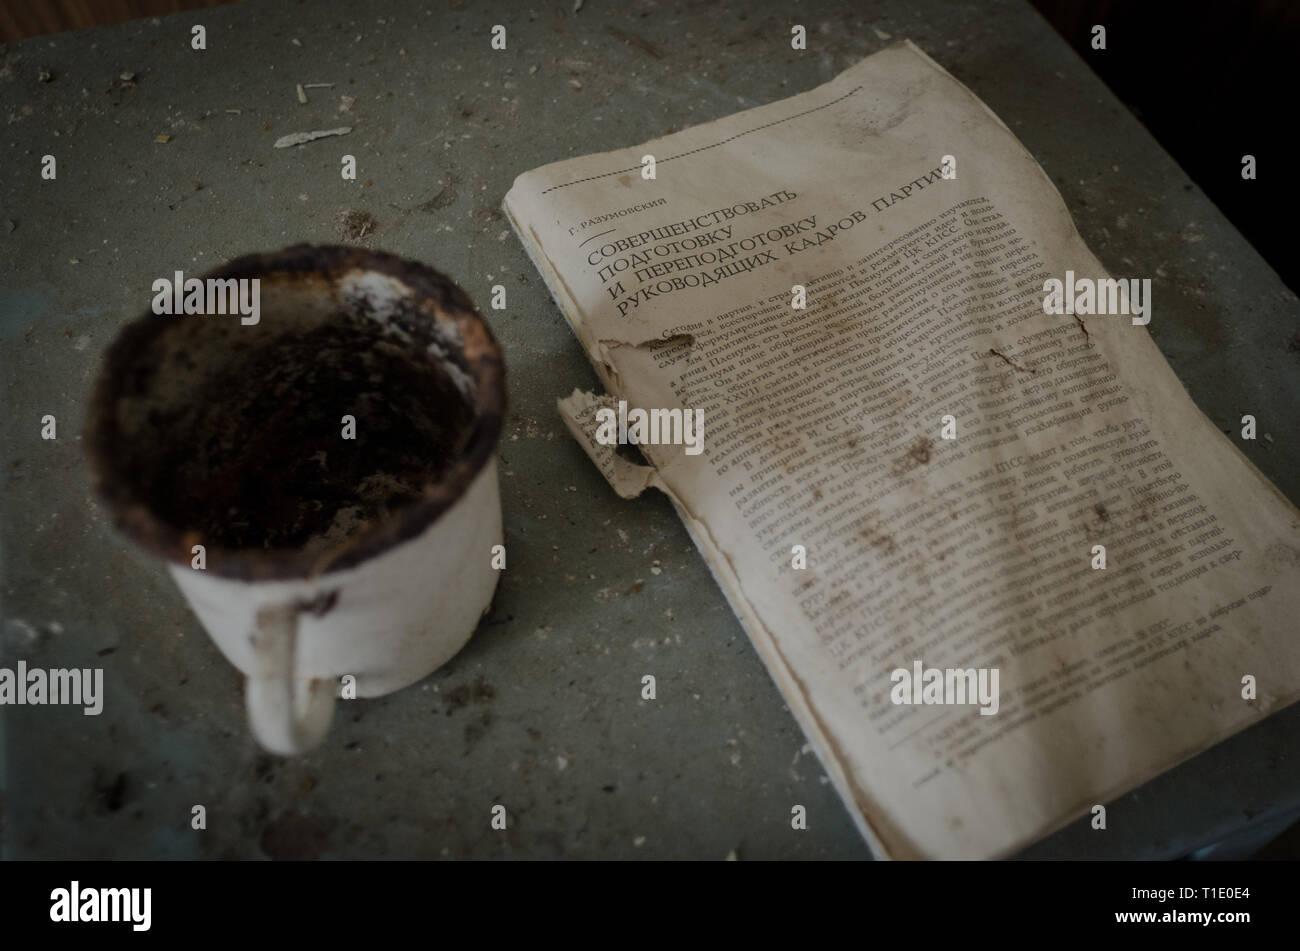 Vergessenes Buch und Tasse - Stock Image